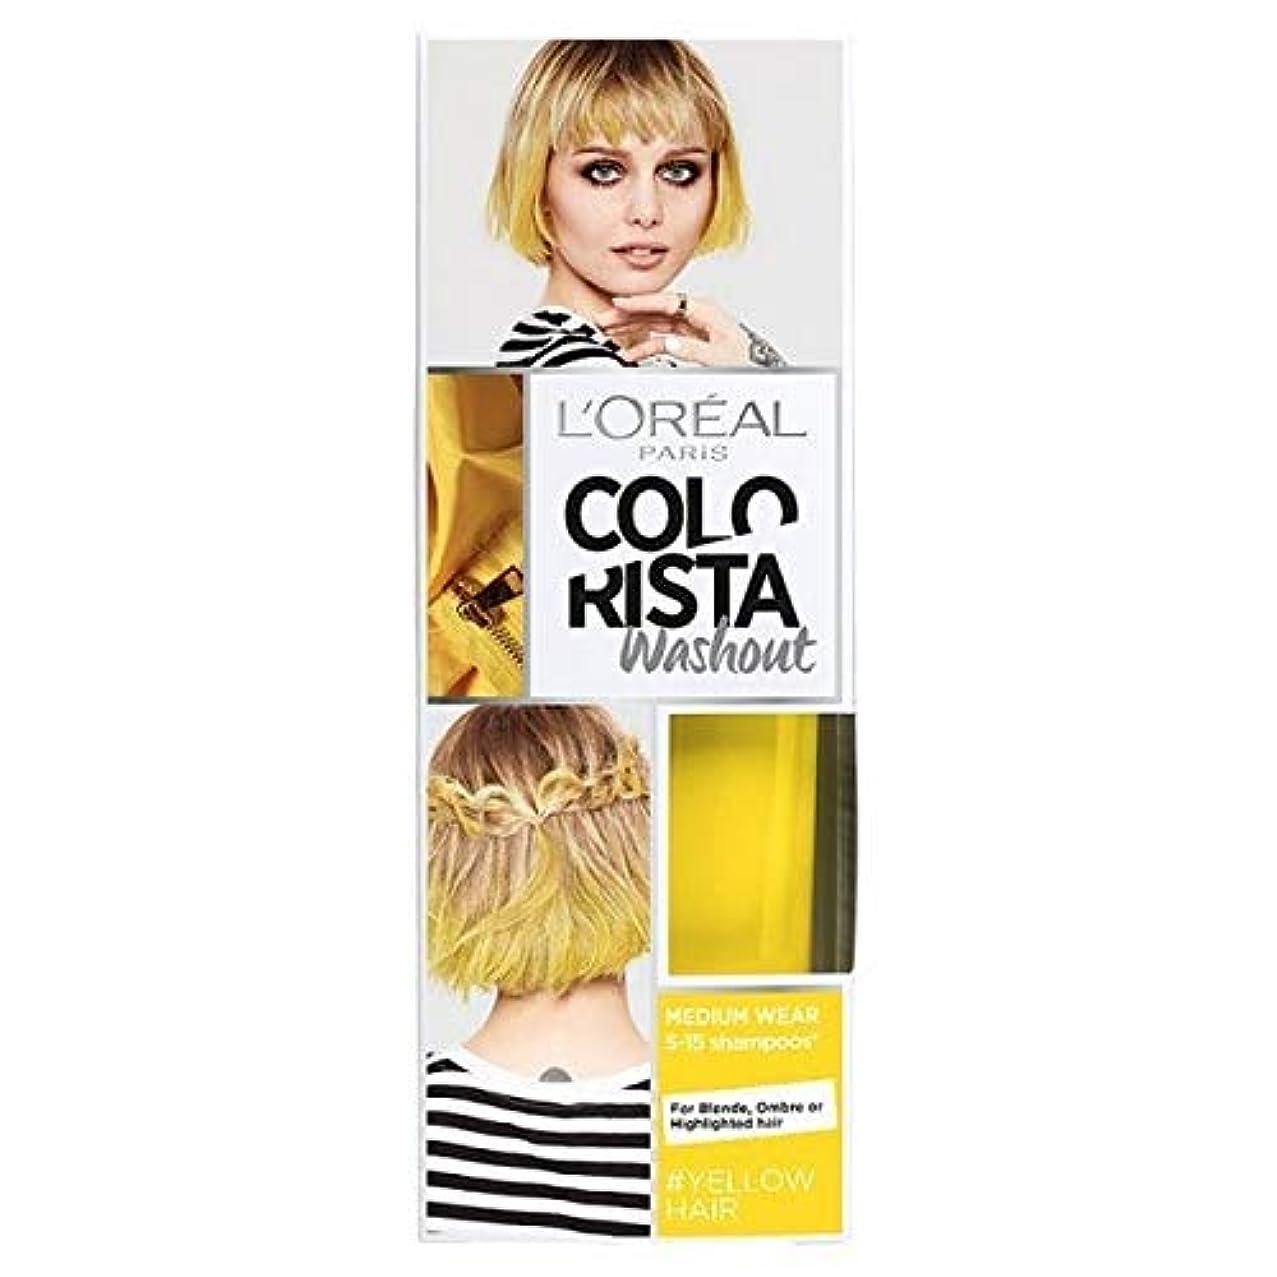 に渡ってあらゆる種類の別れる[Colorista] Colorista洗い出し黄色のネオン半永久染毛剤 - Colorista Washout Yellow Neon Semi-Permanent Hair Dye [並行輸入品]